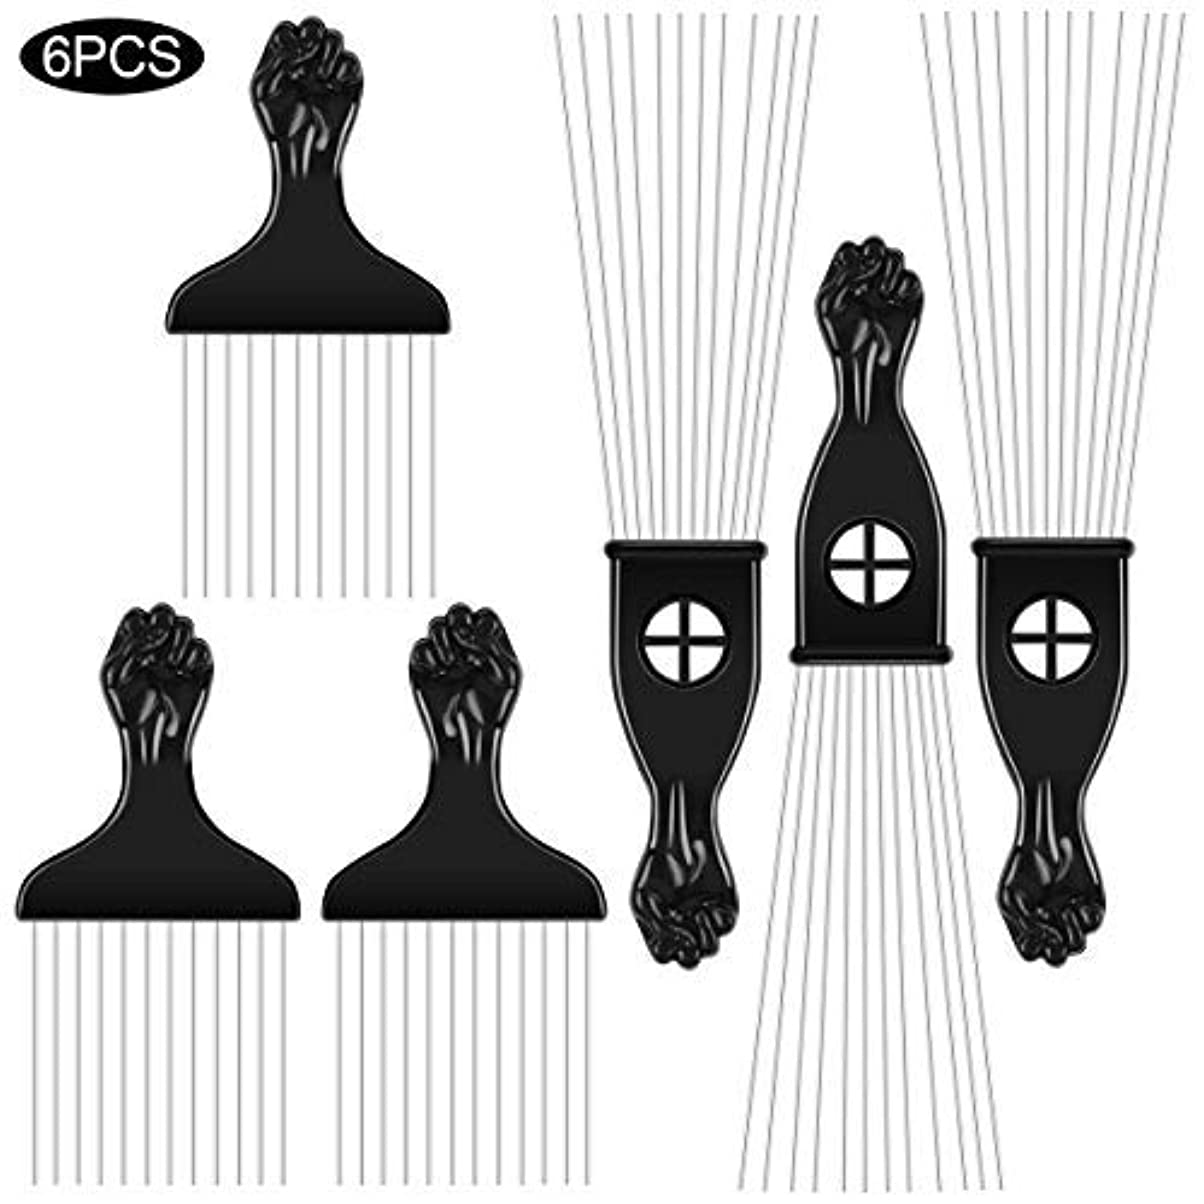 冷える拒否氏6PCS Afro Combs Metal African American black Fist Pick Comb Hairdressing Styling Tool [並行輸入品]